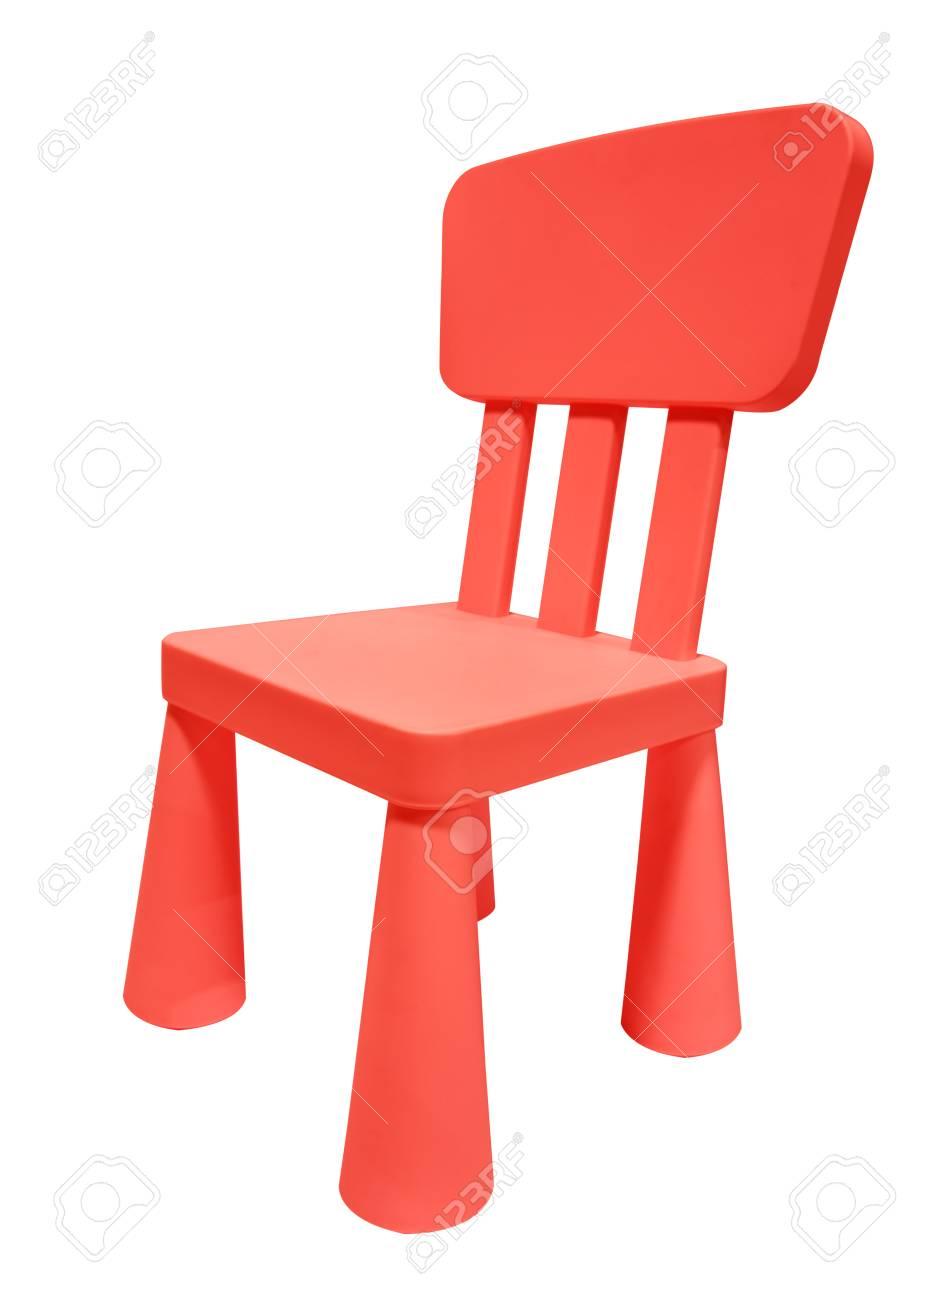 Chaise En Plastique Rouge Ou Un Tabouret Isol Sur Fond Blanc Banque